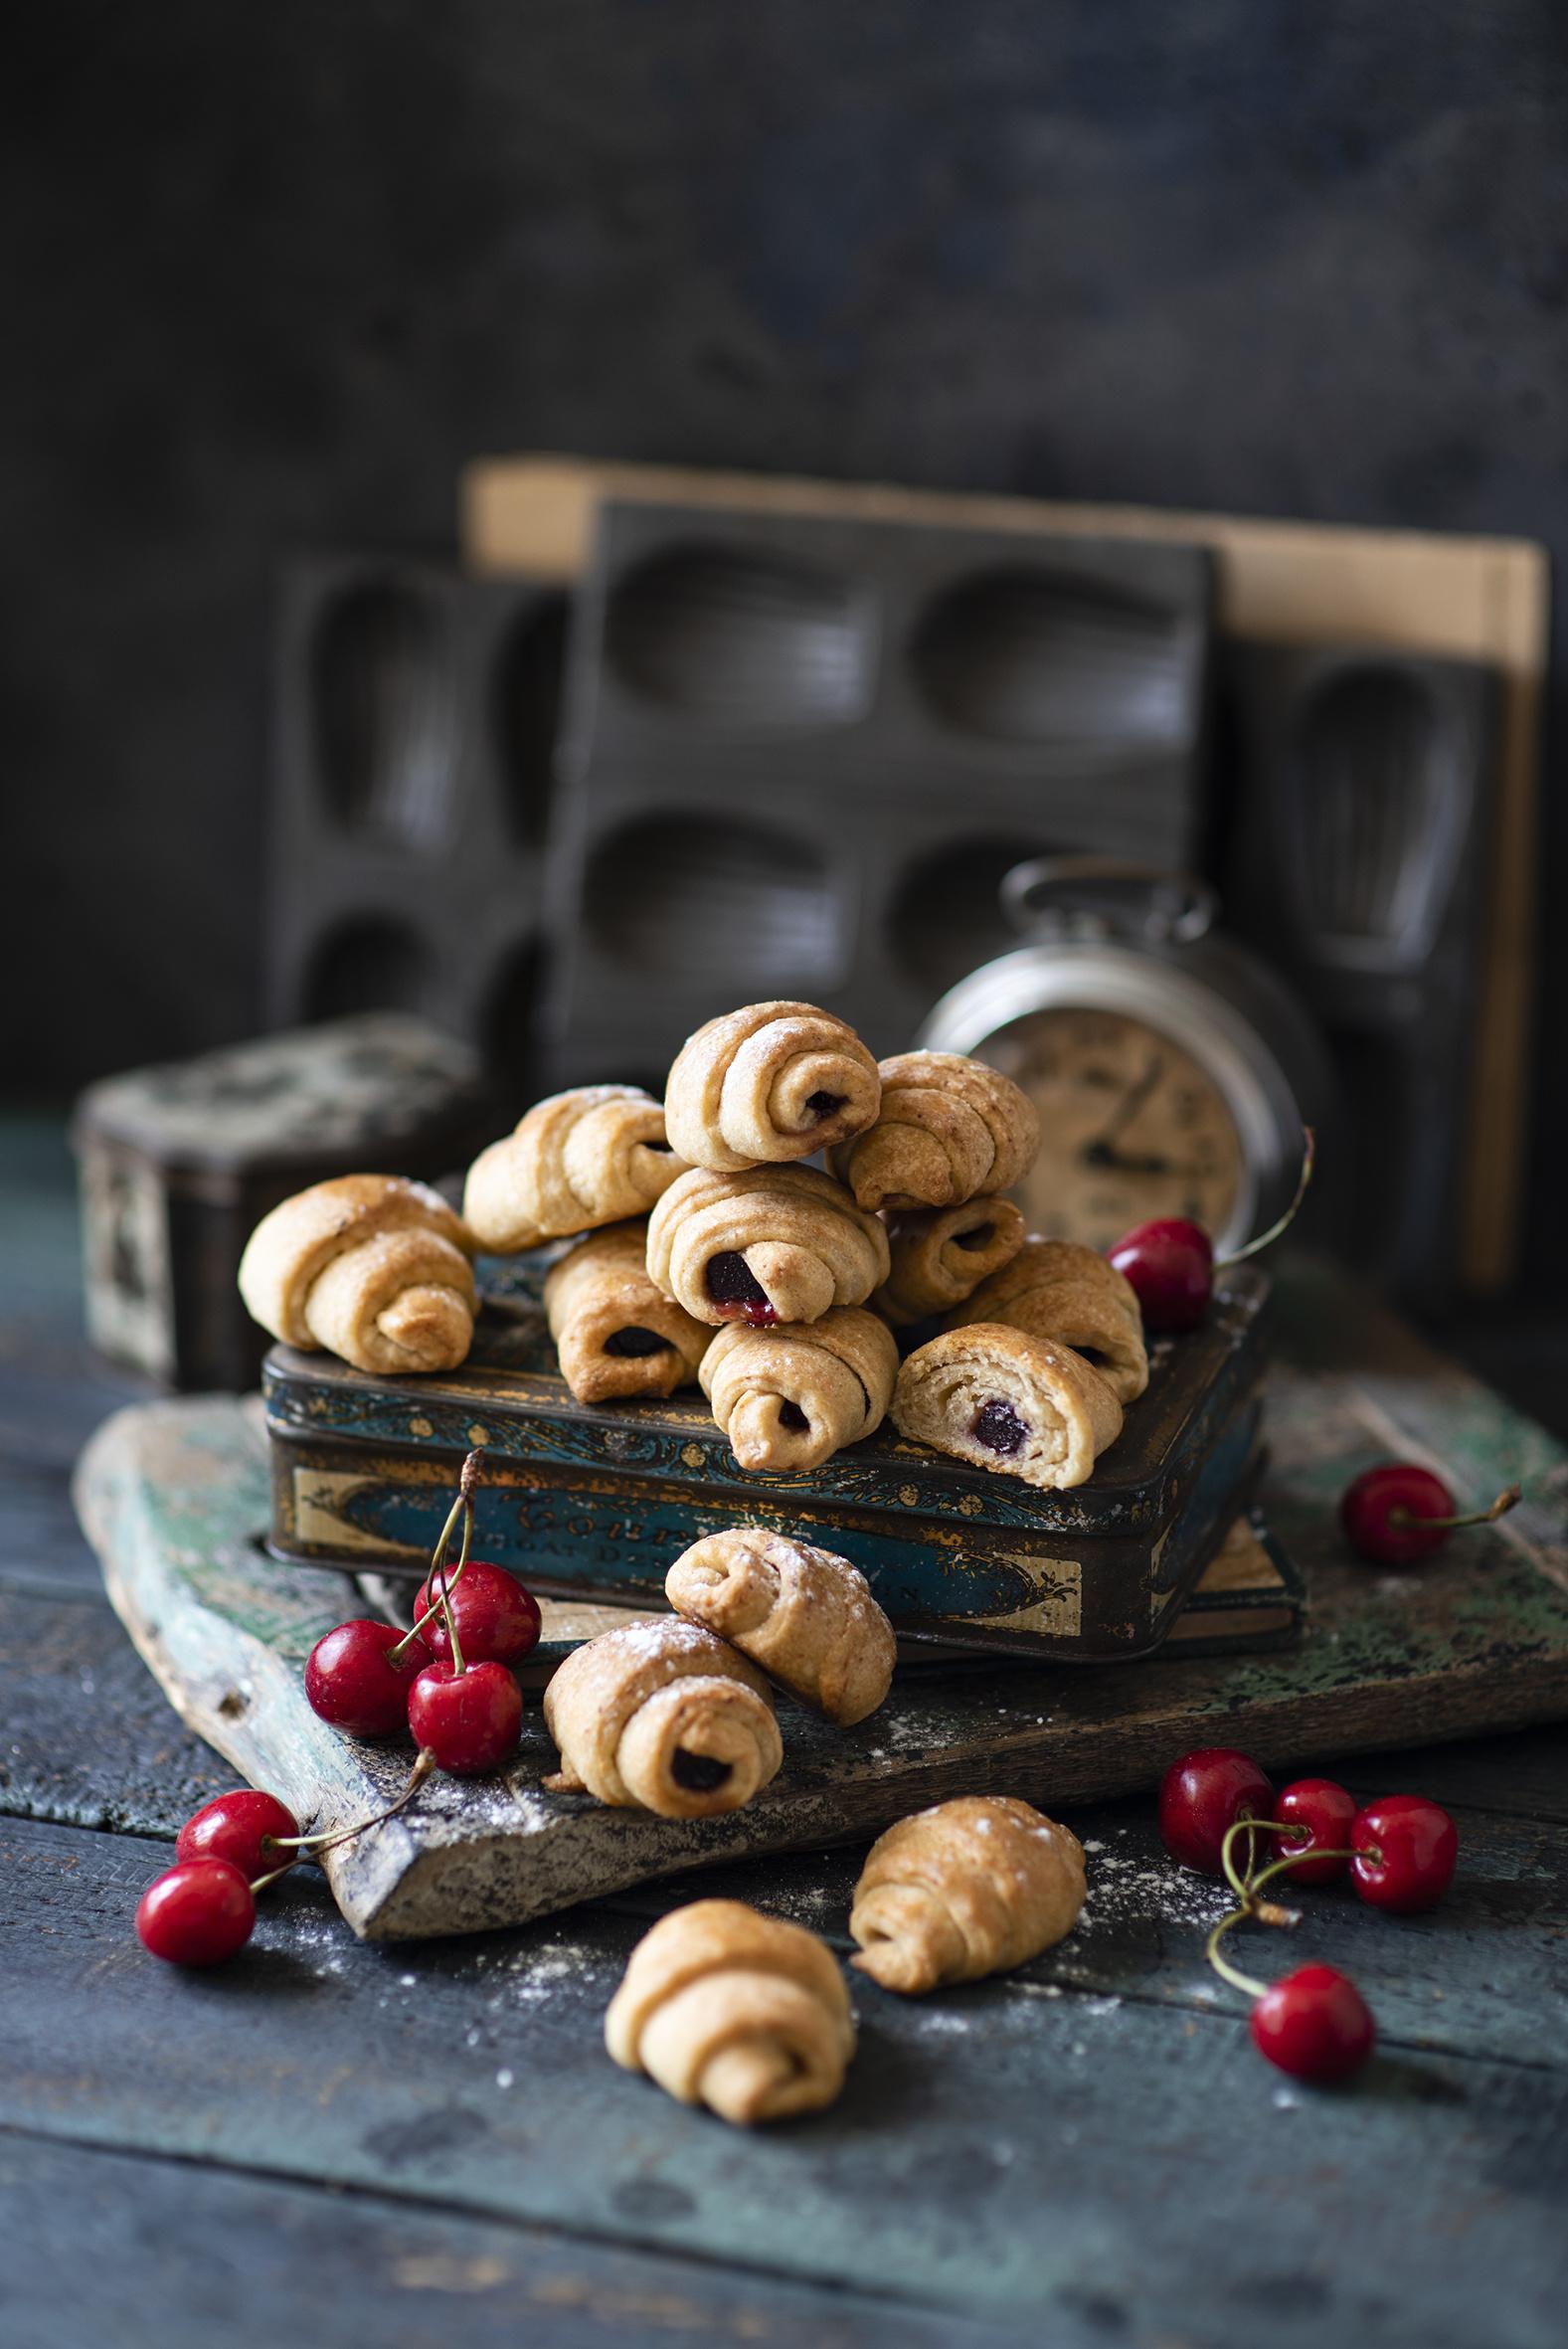 Immagine Croissant Ciliegia Cibo Tavole  per Telefono cellulare alimento